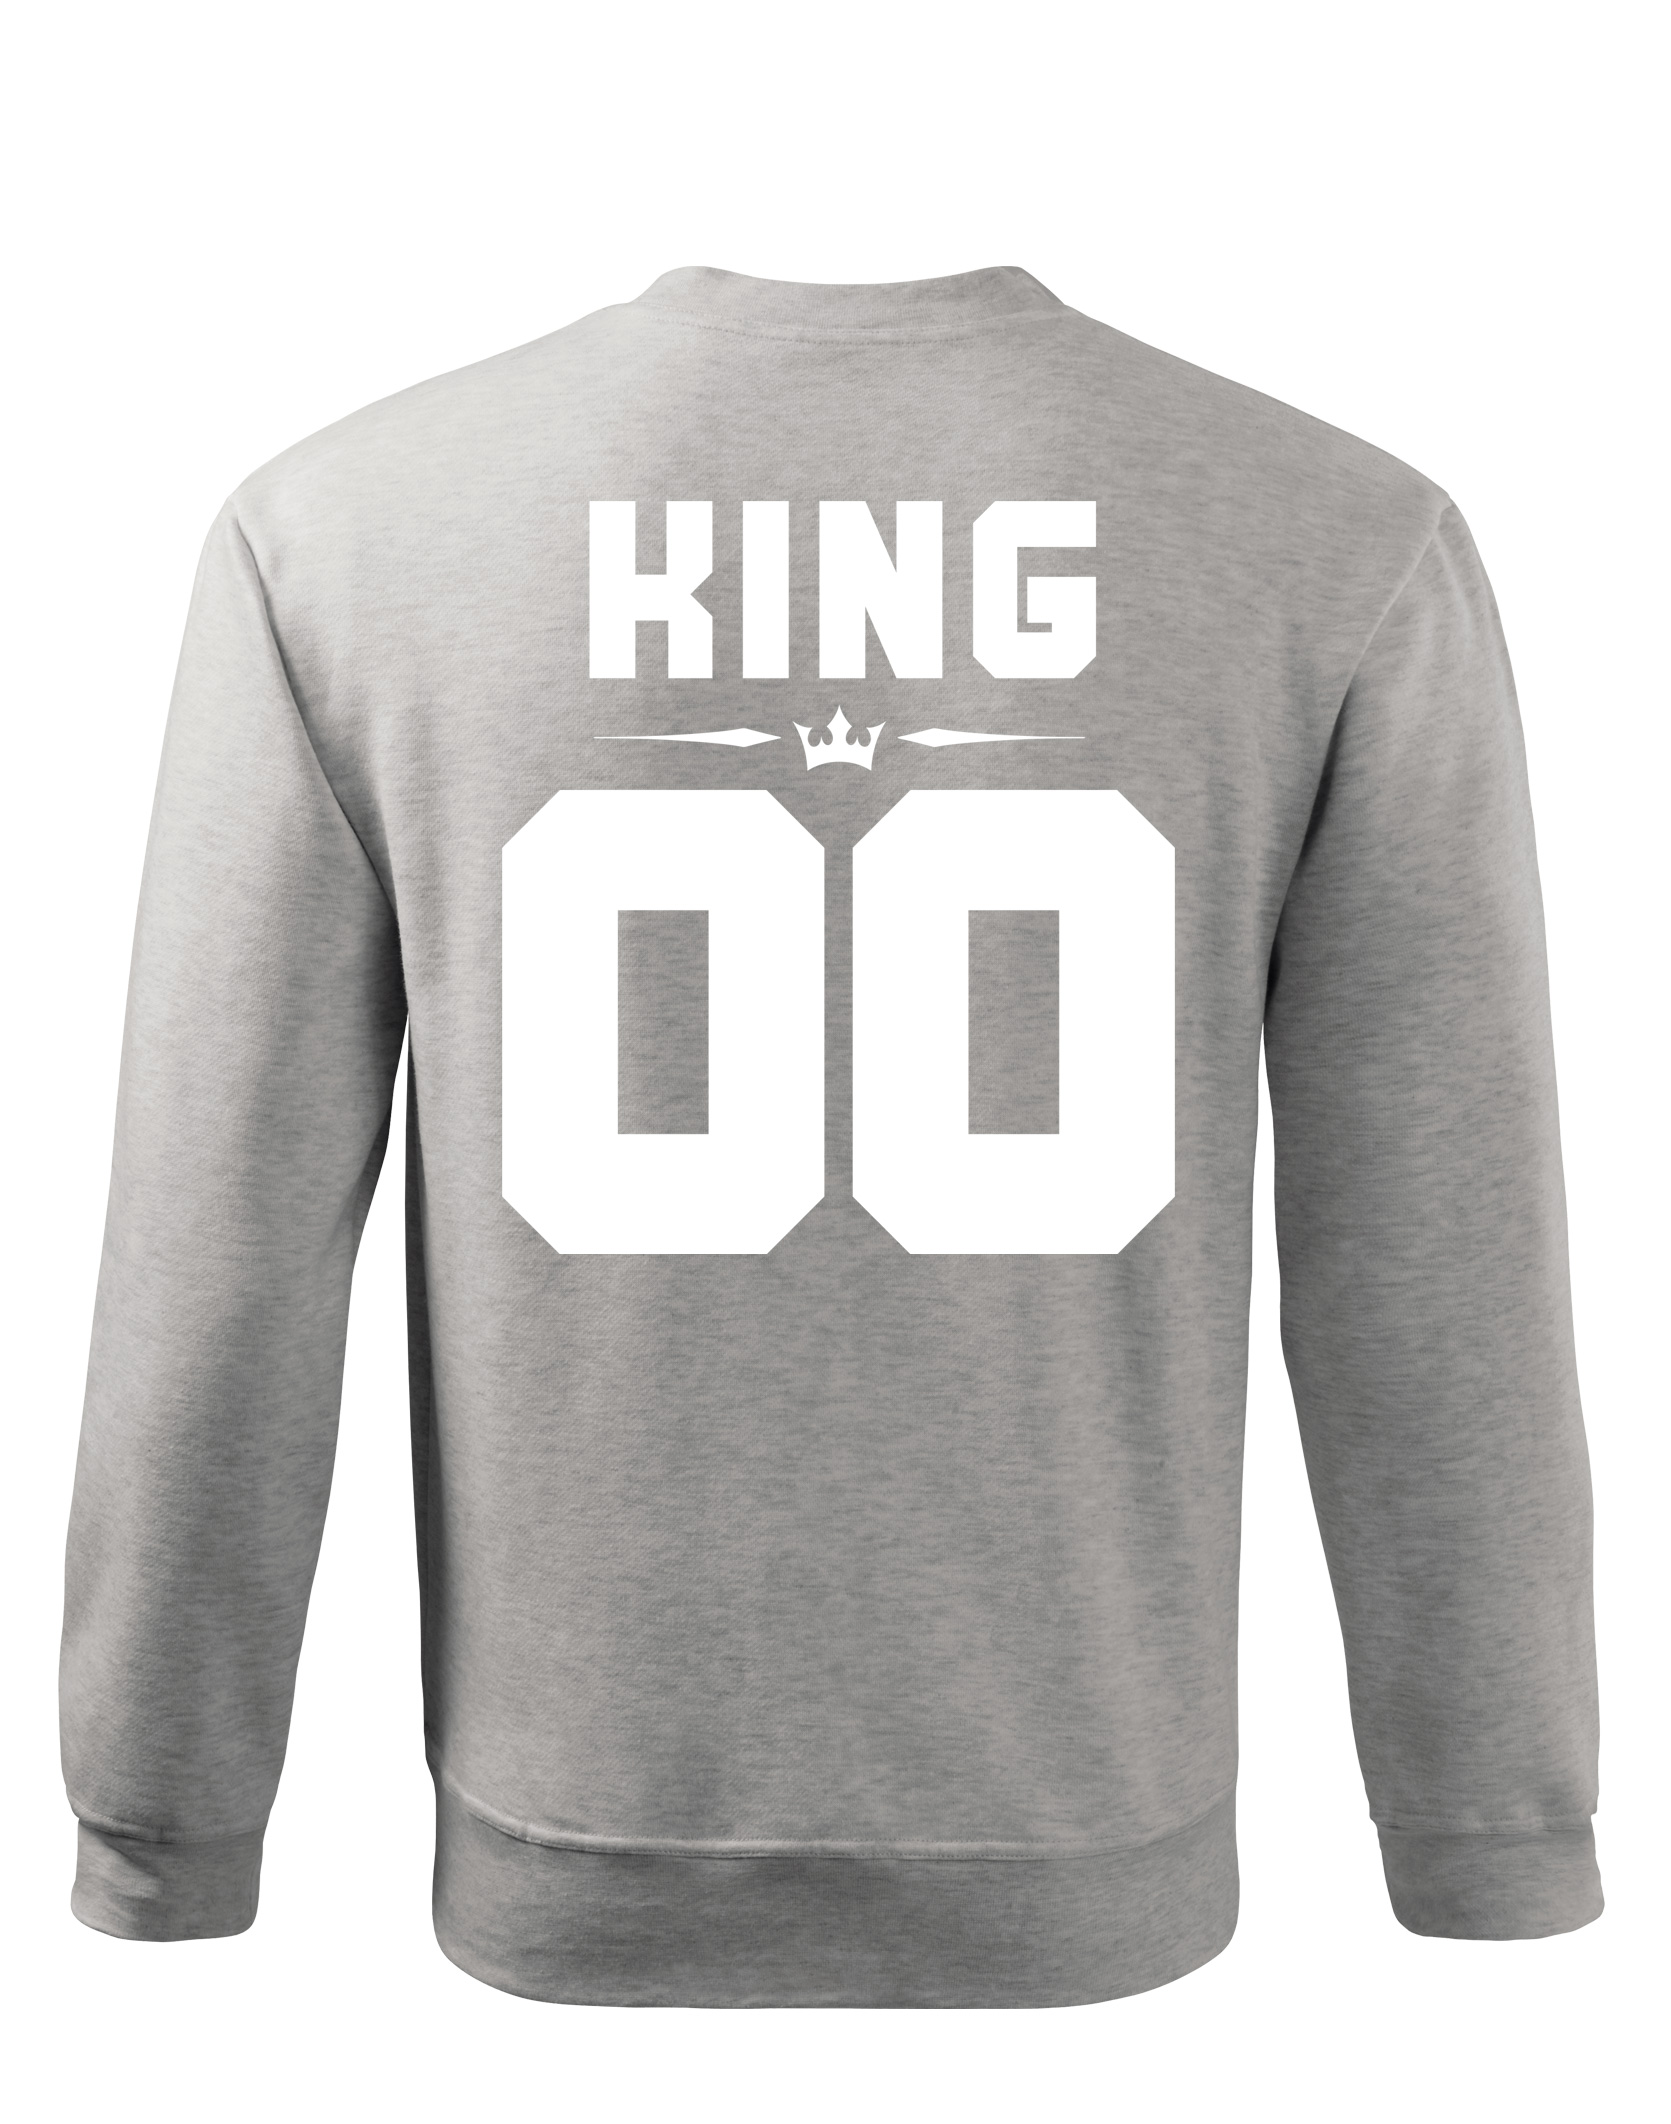 bluza męska z nadrukiem king 01